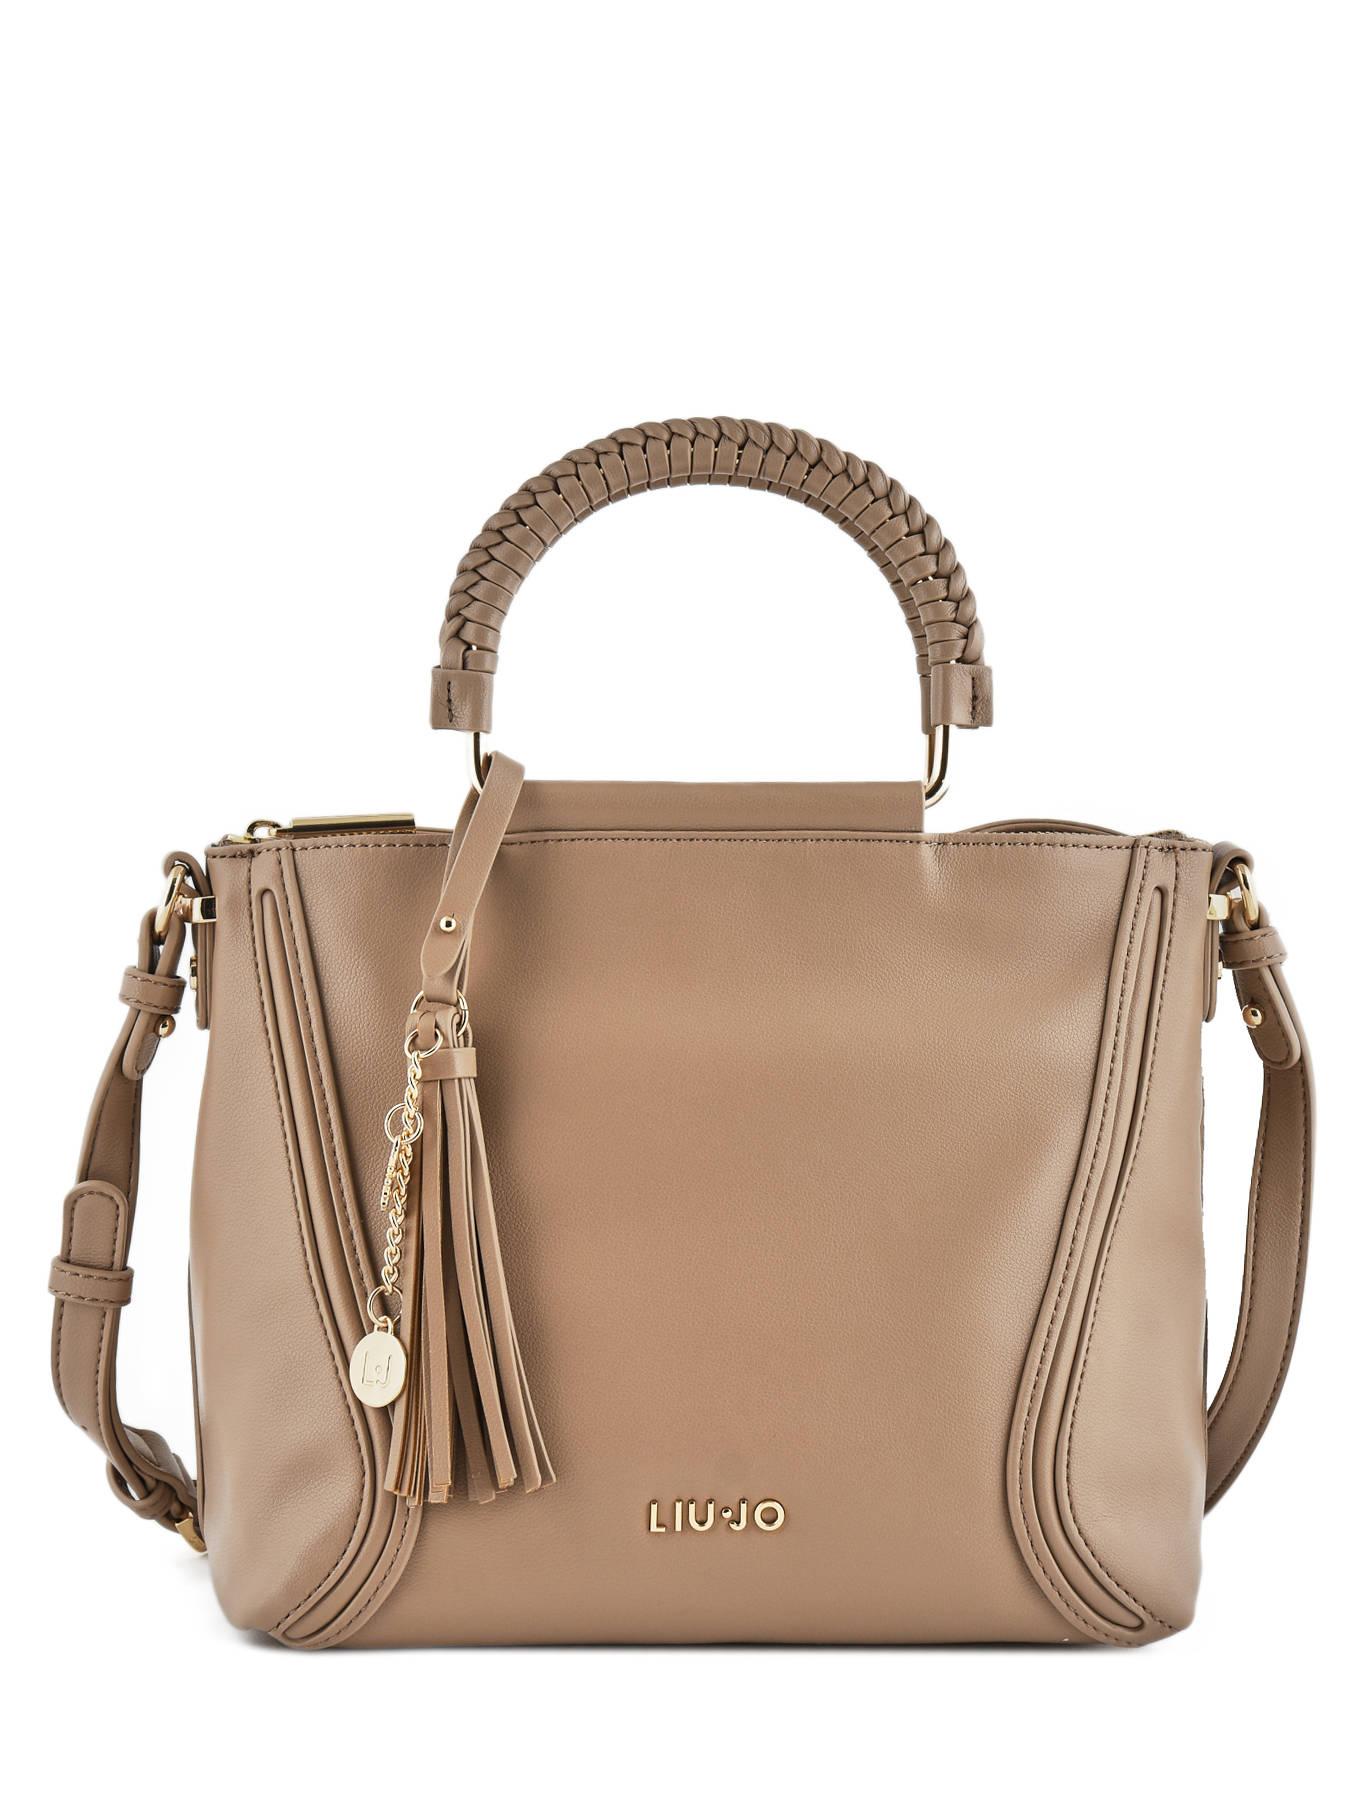 a9cba49ad2 ... Collatina Handbag Liu jo Black collatina A19137 ...